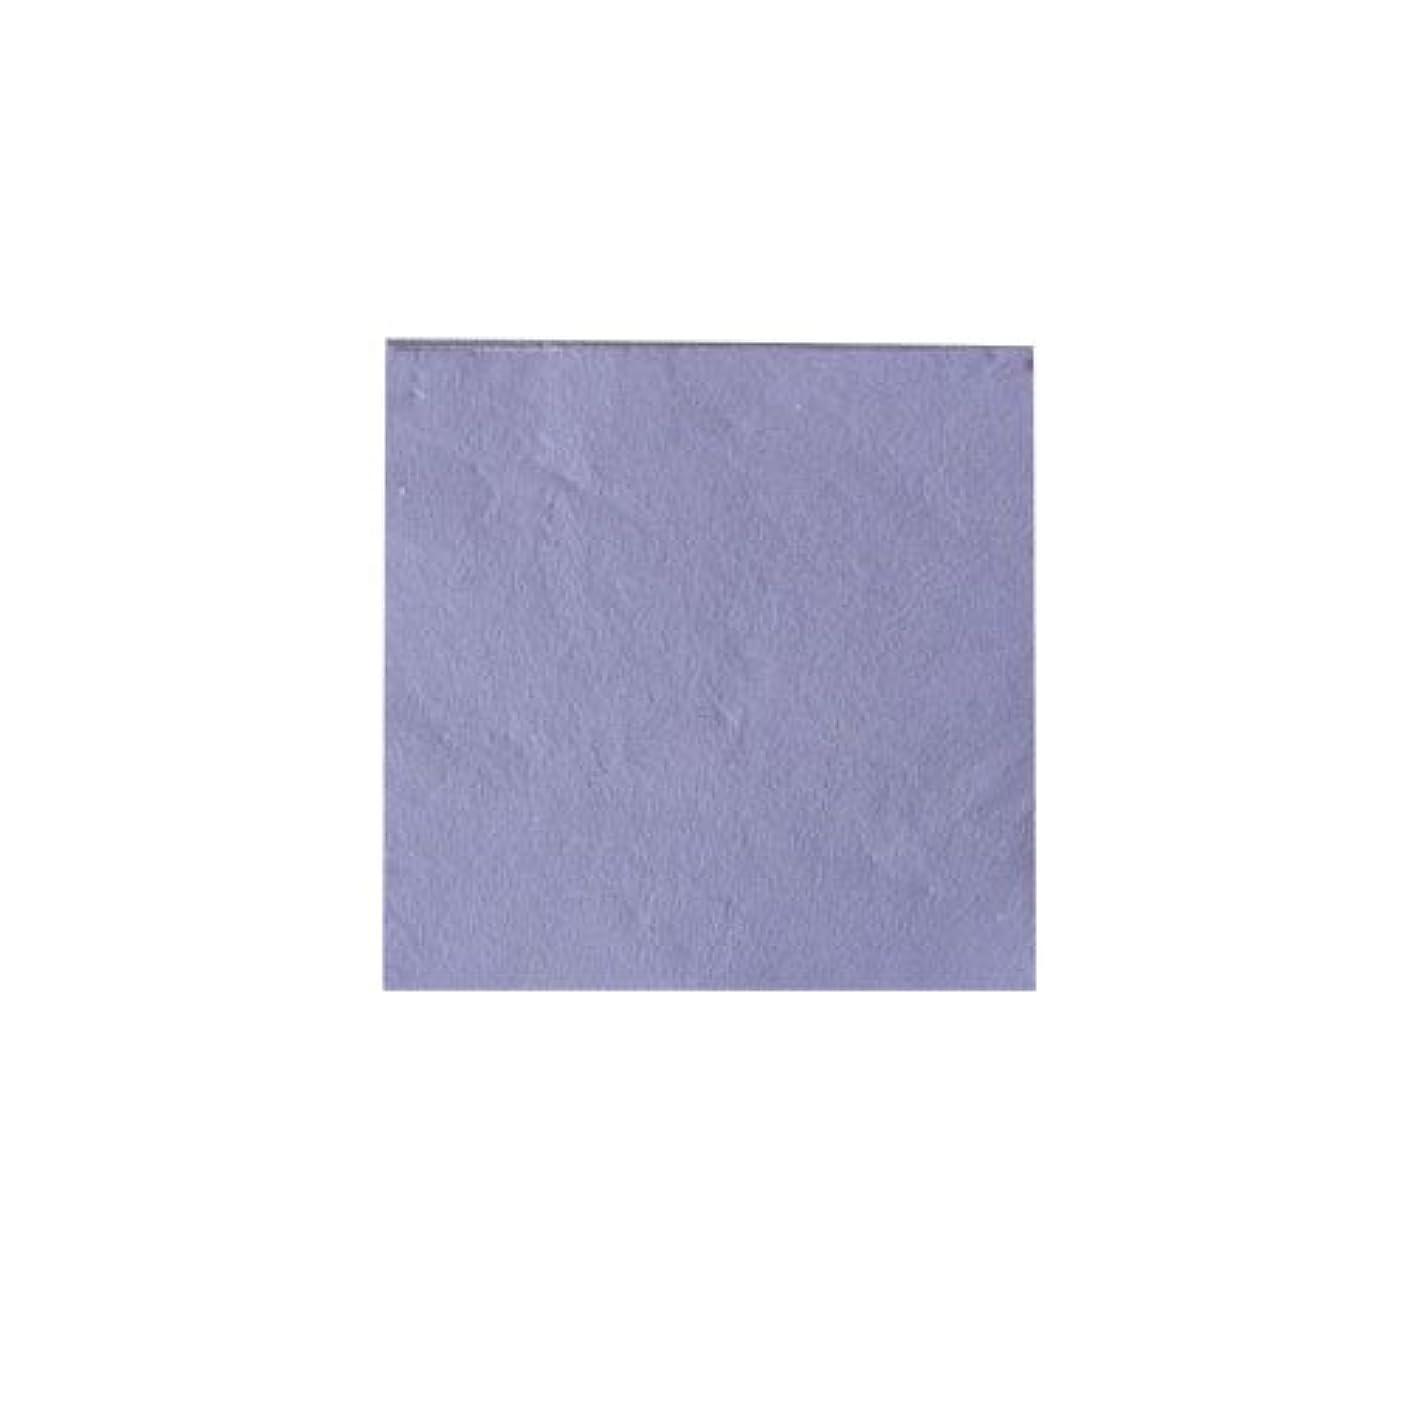 かんたん地質学手順ピカエース ネイル用パウダー パステル銀箔 #646 パステルラベンダー 3.5㎜角×5枚